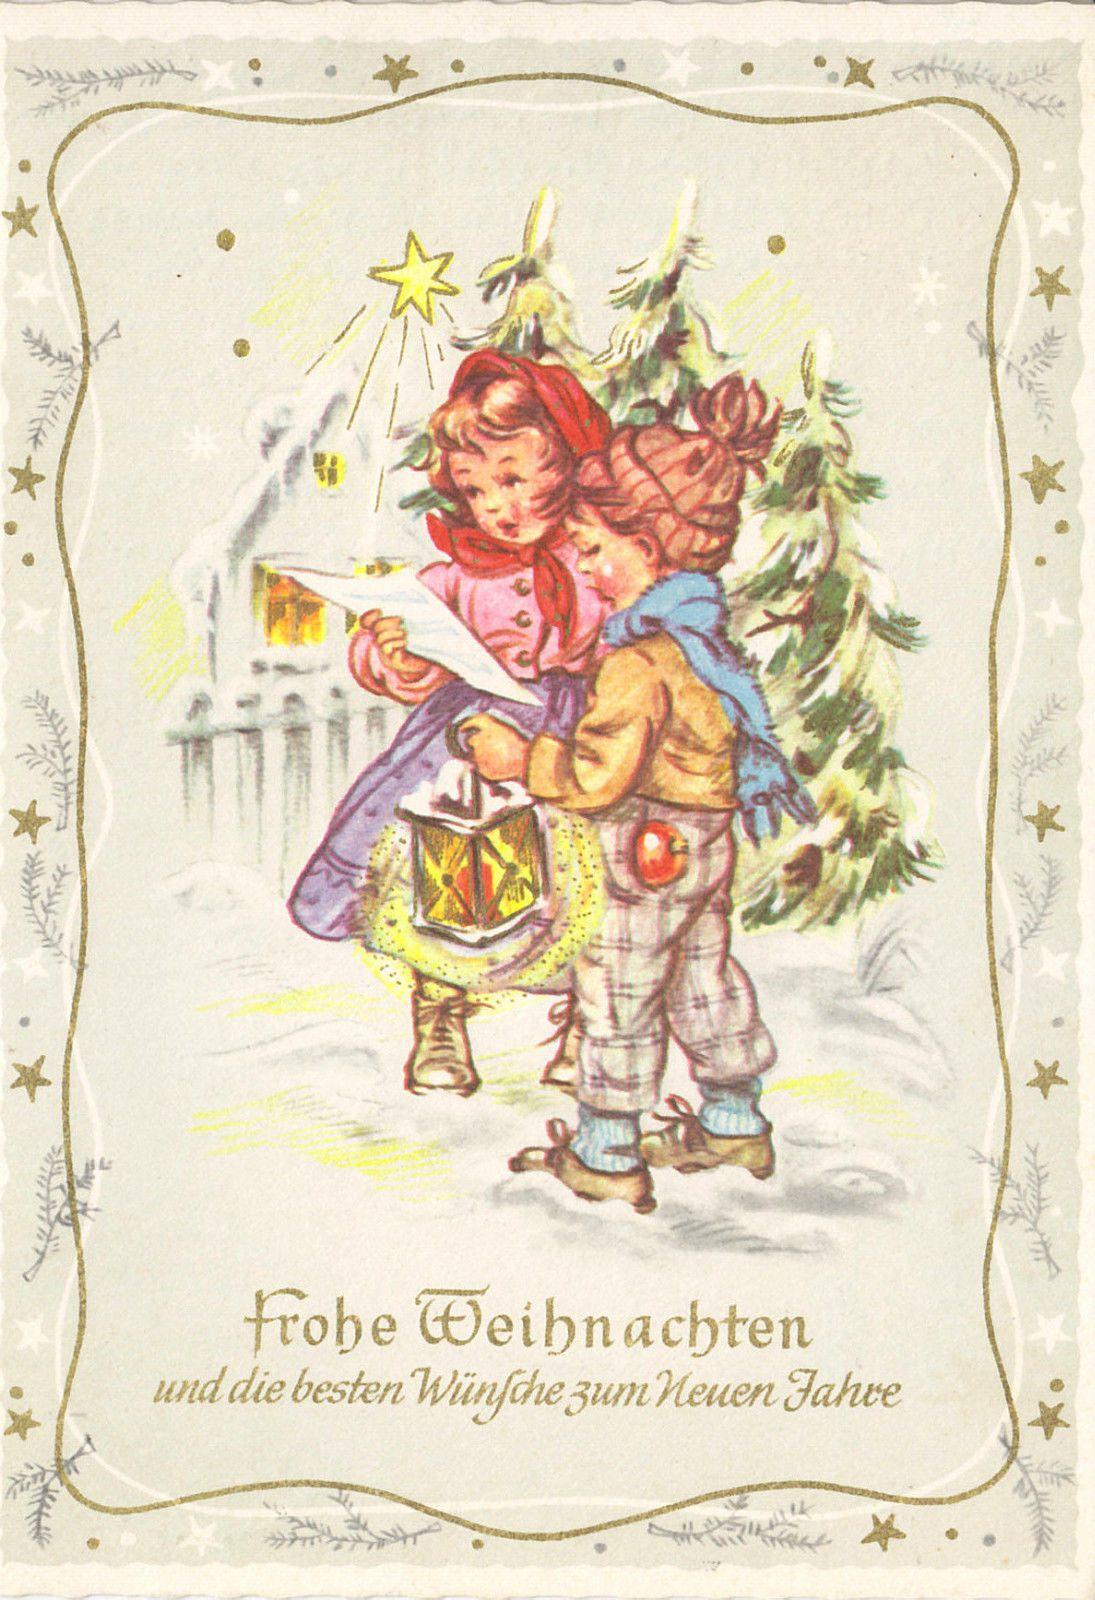 Weihnachten - Kinder singen, 1960   eBay   Christmas - Winter ...